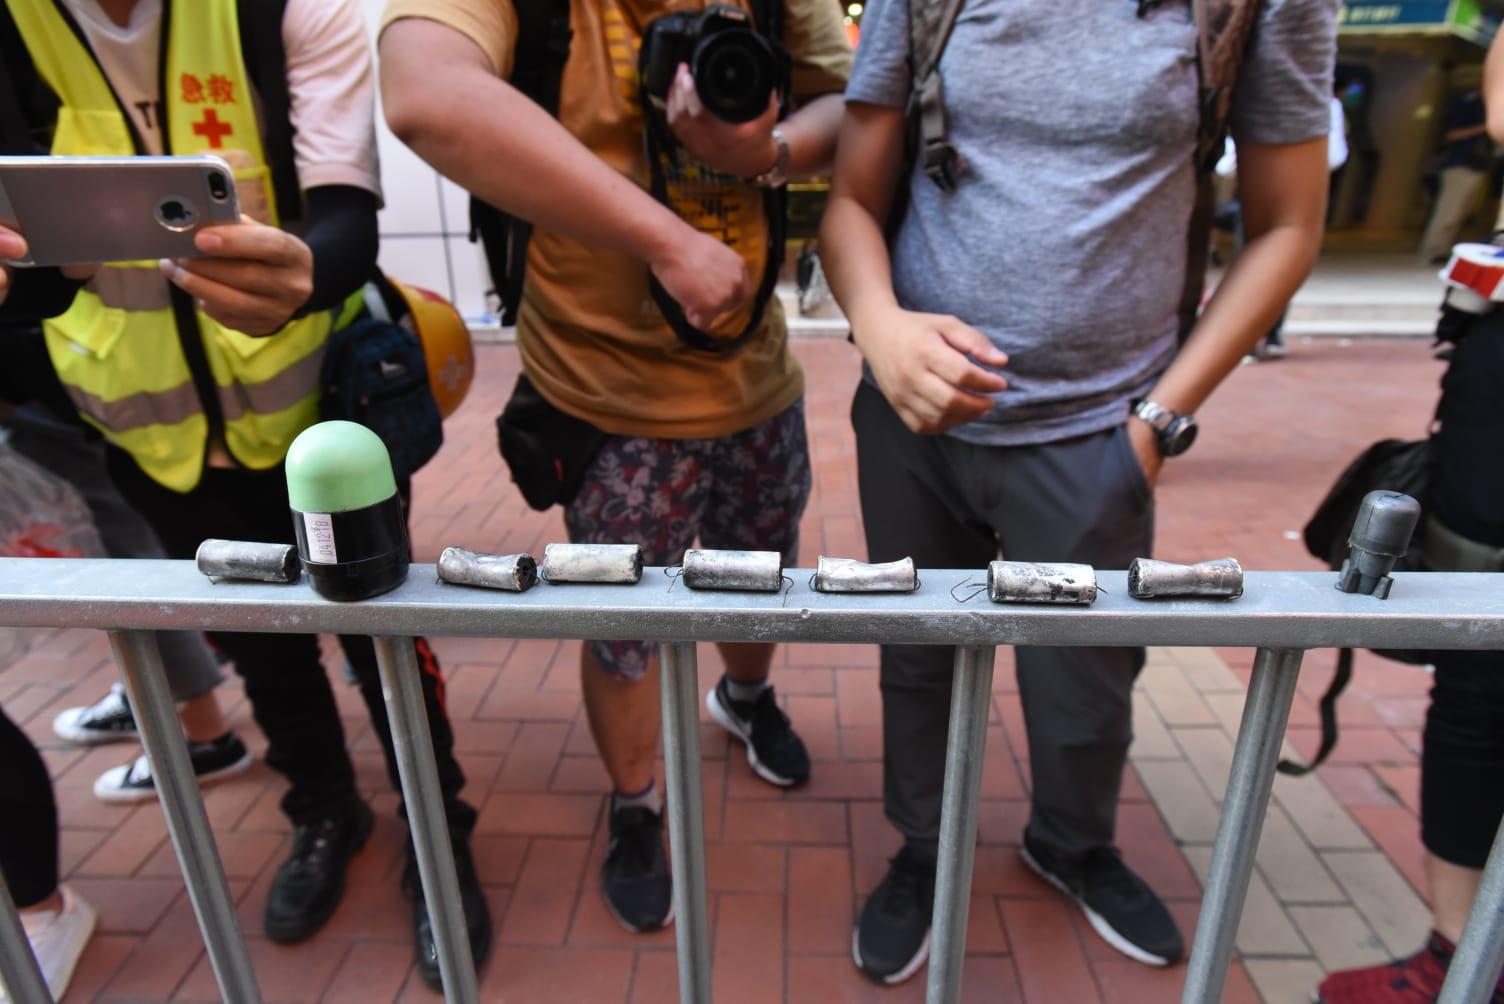 【修例風波】示威者擲汽油彈焚燒雜物 警方放催淚彈後舉橙旗